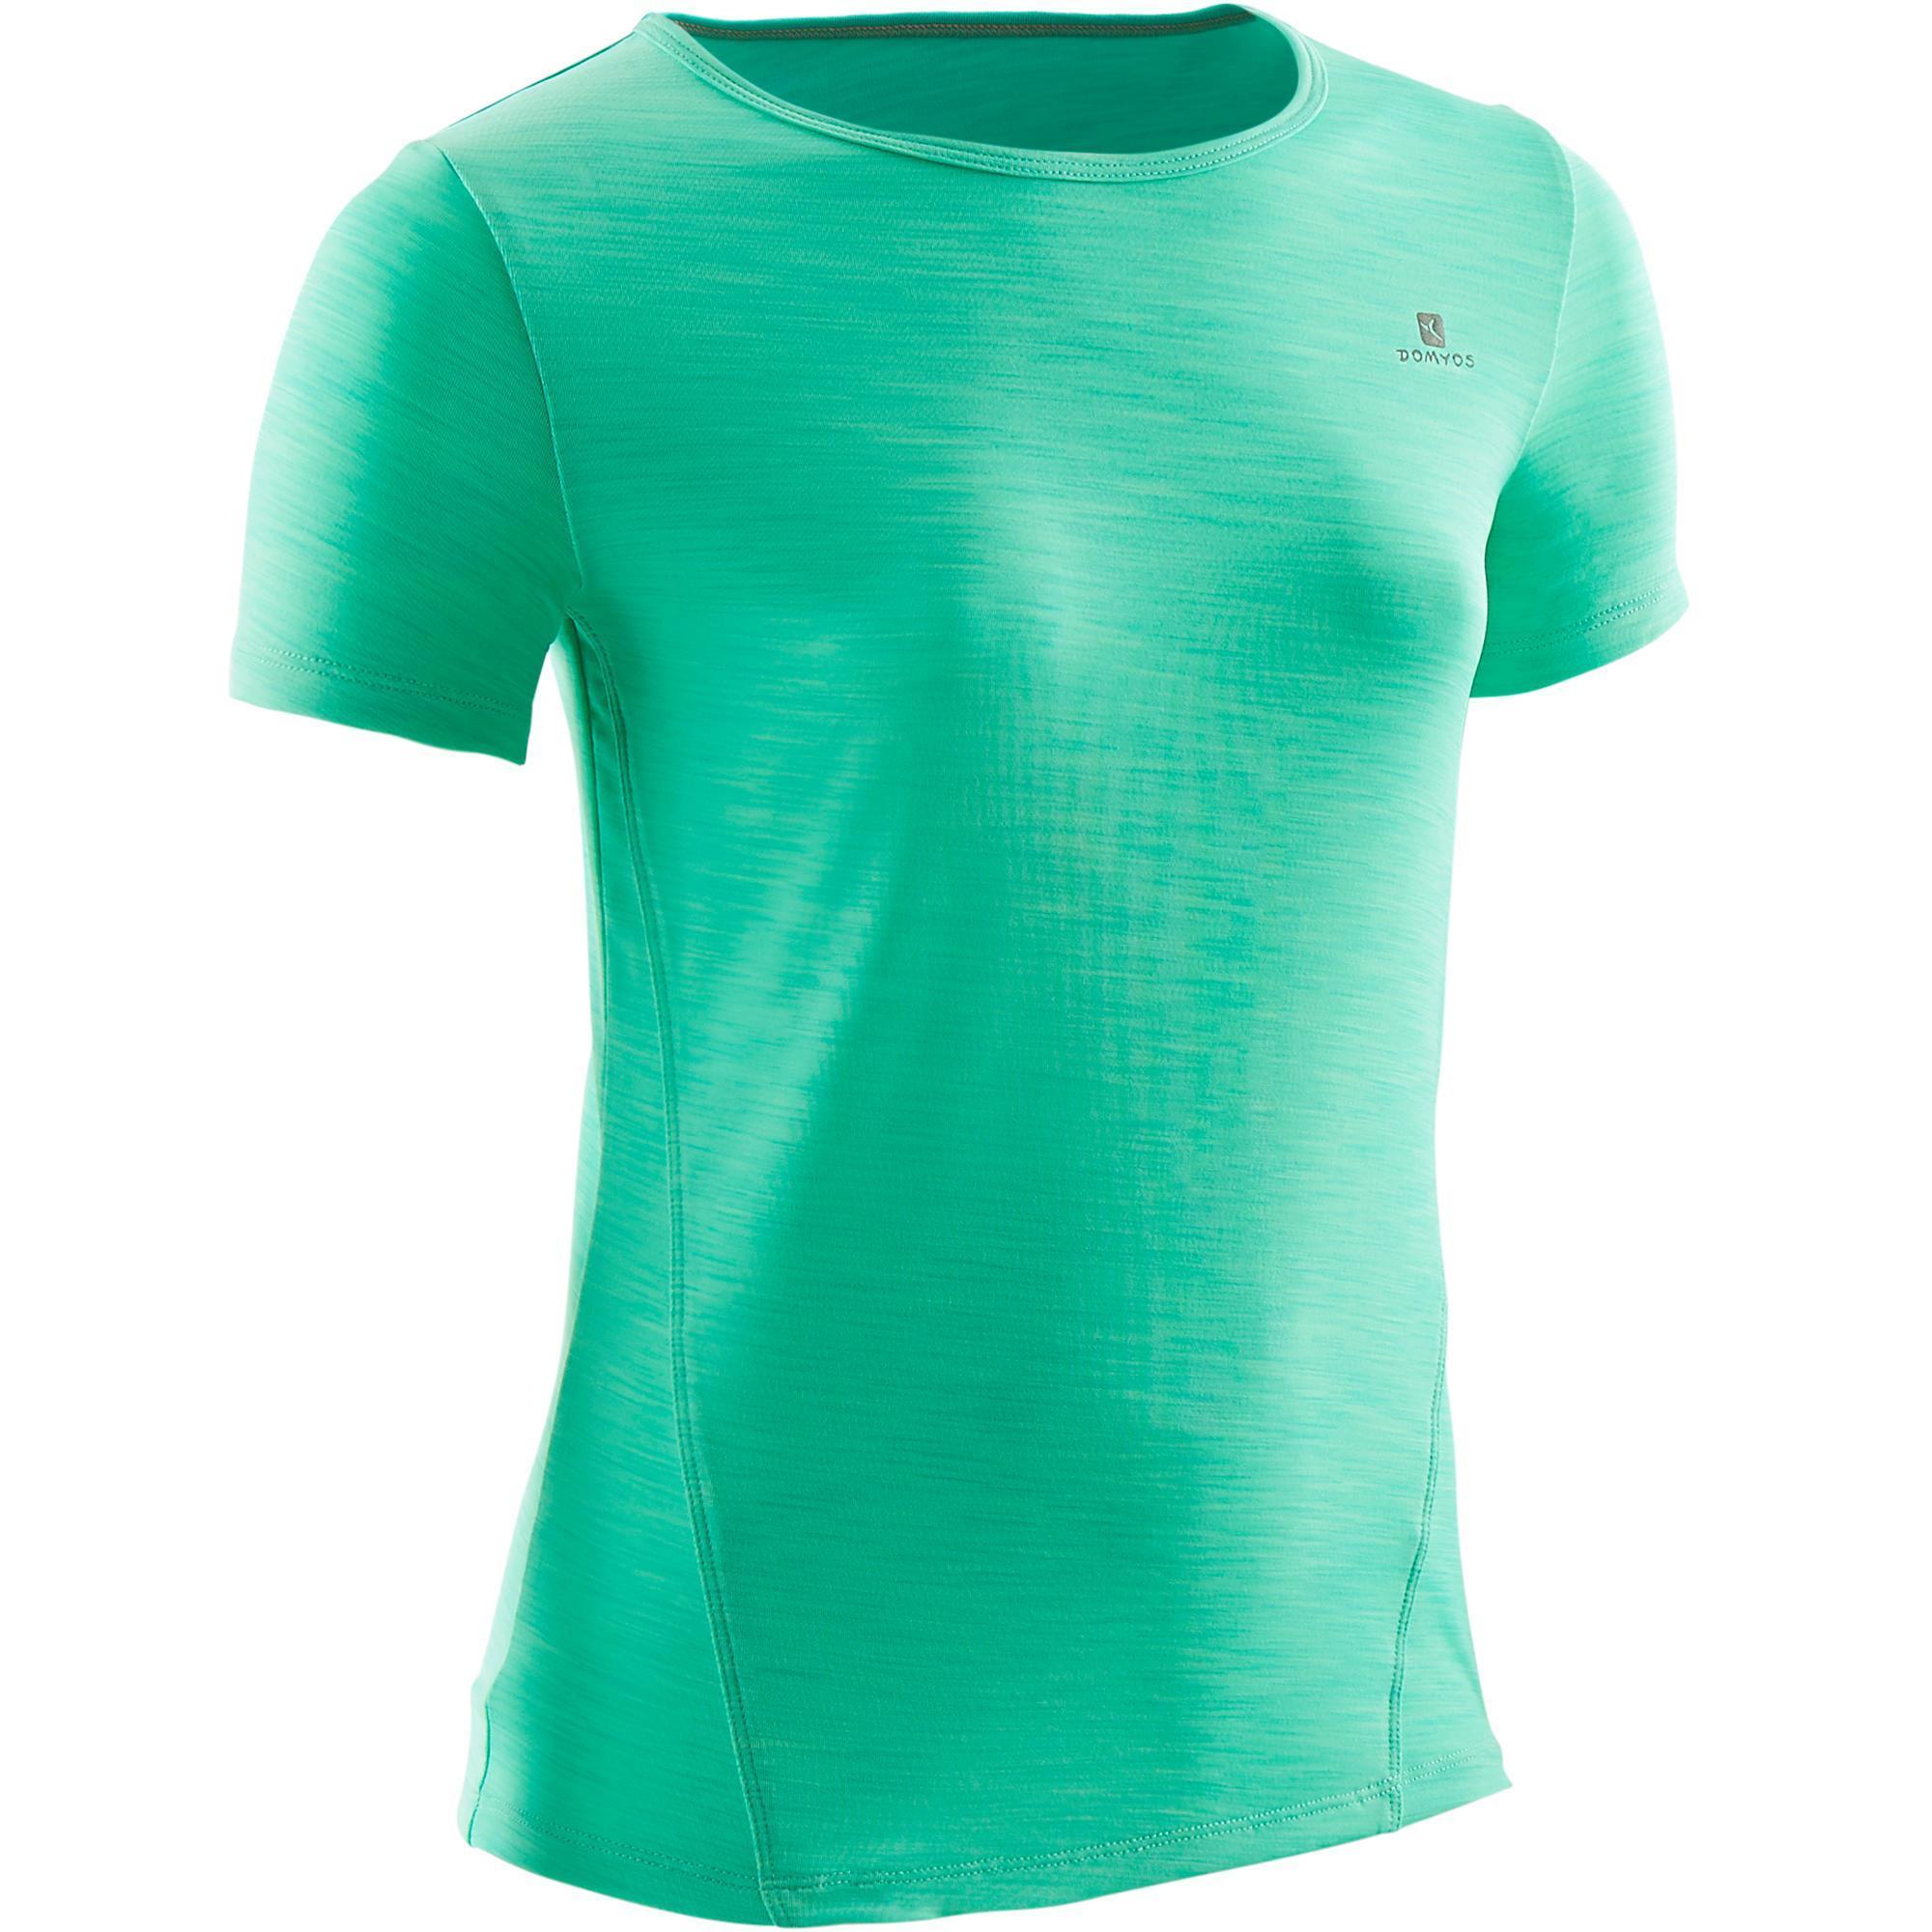 Domyos Gym T-shirt met korte mouwen S500 voor meisjes groen